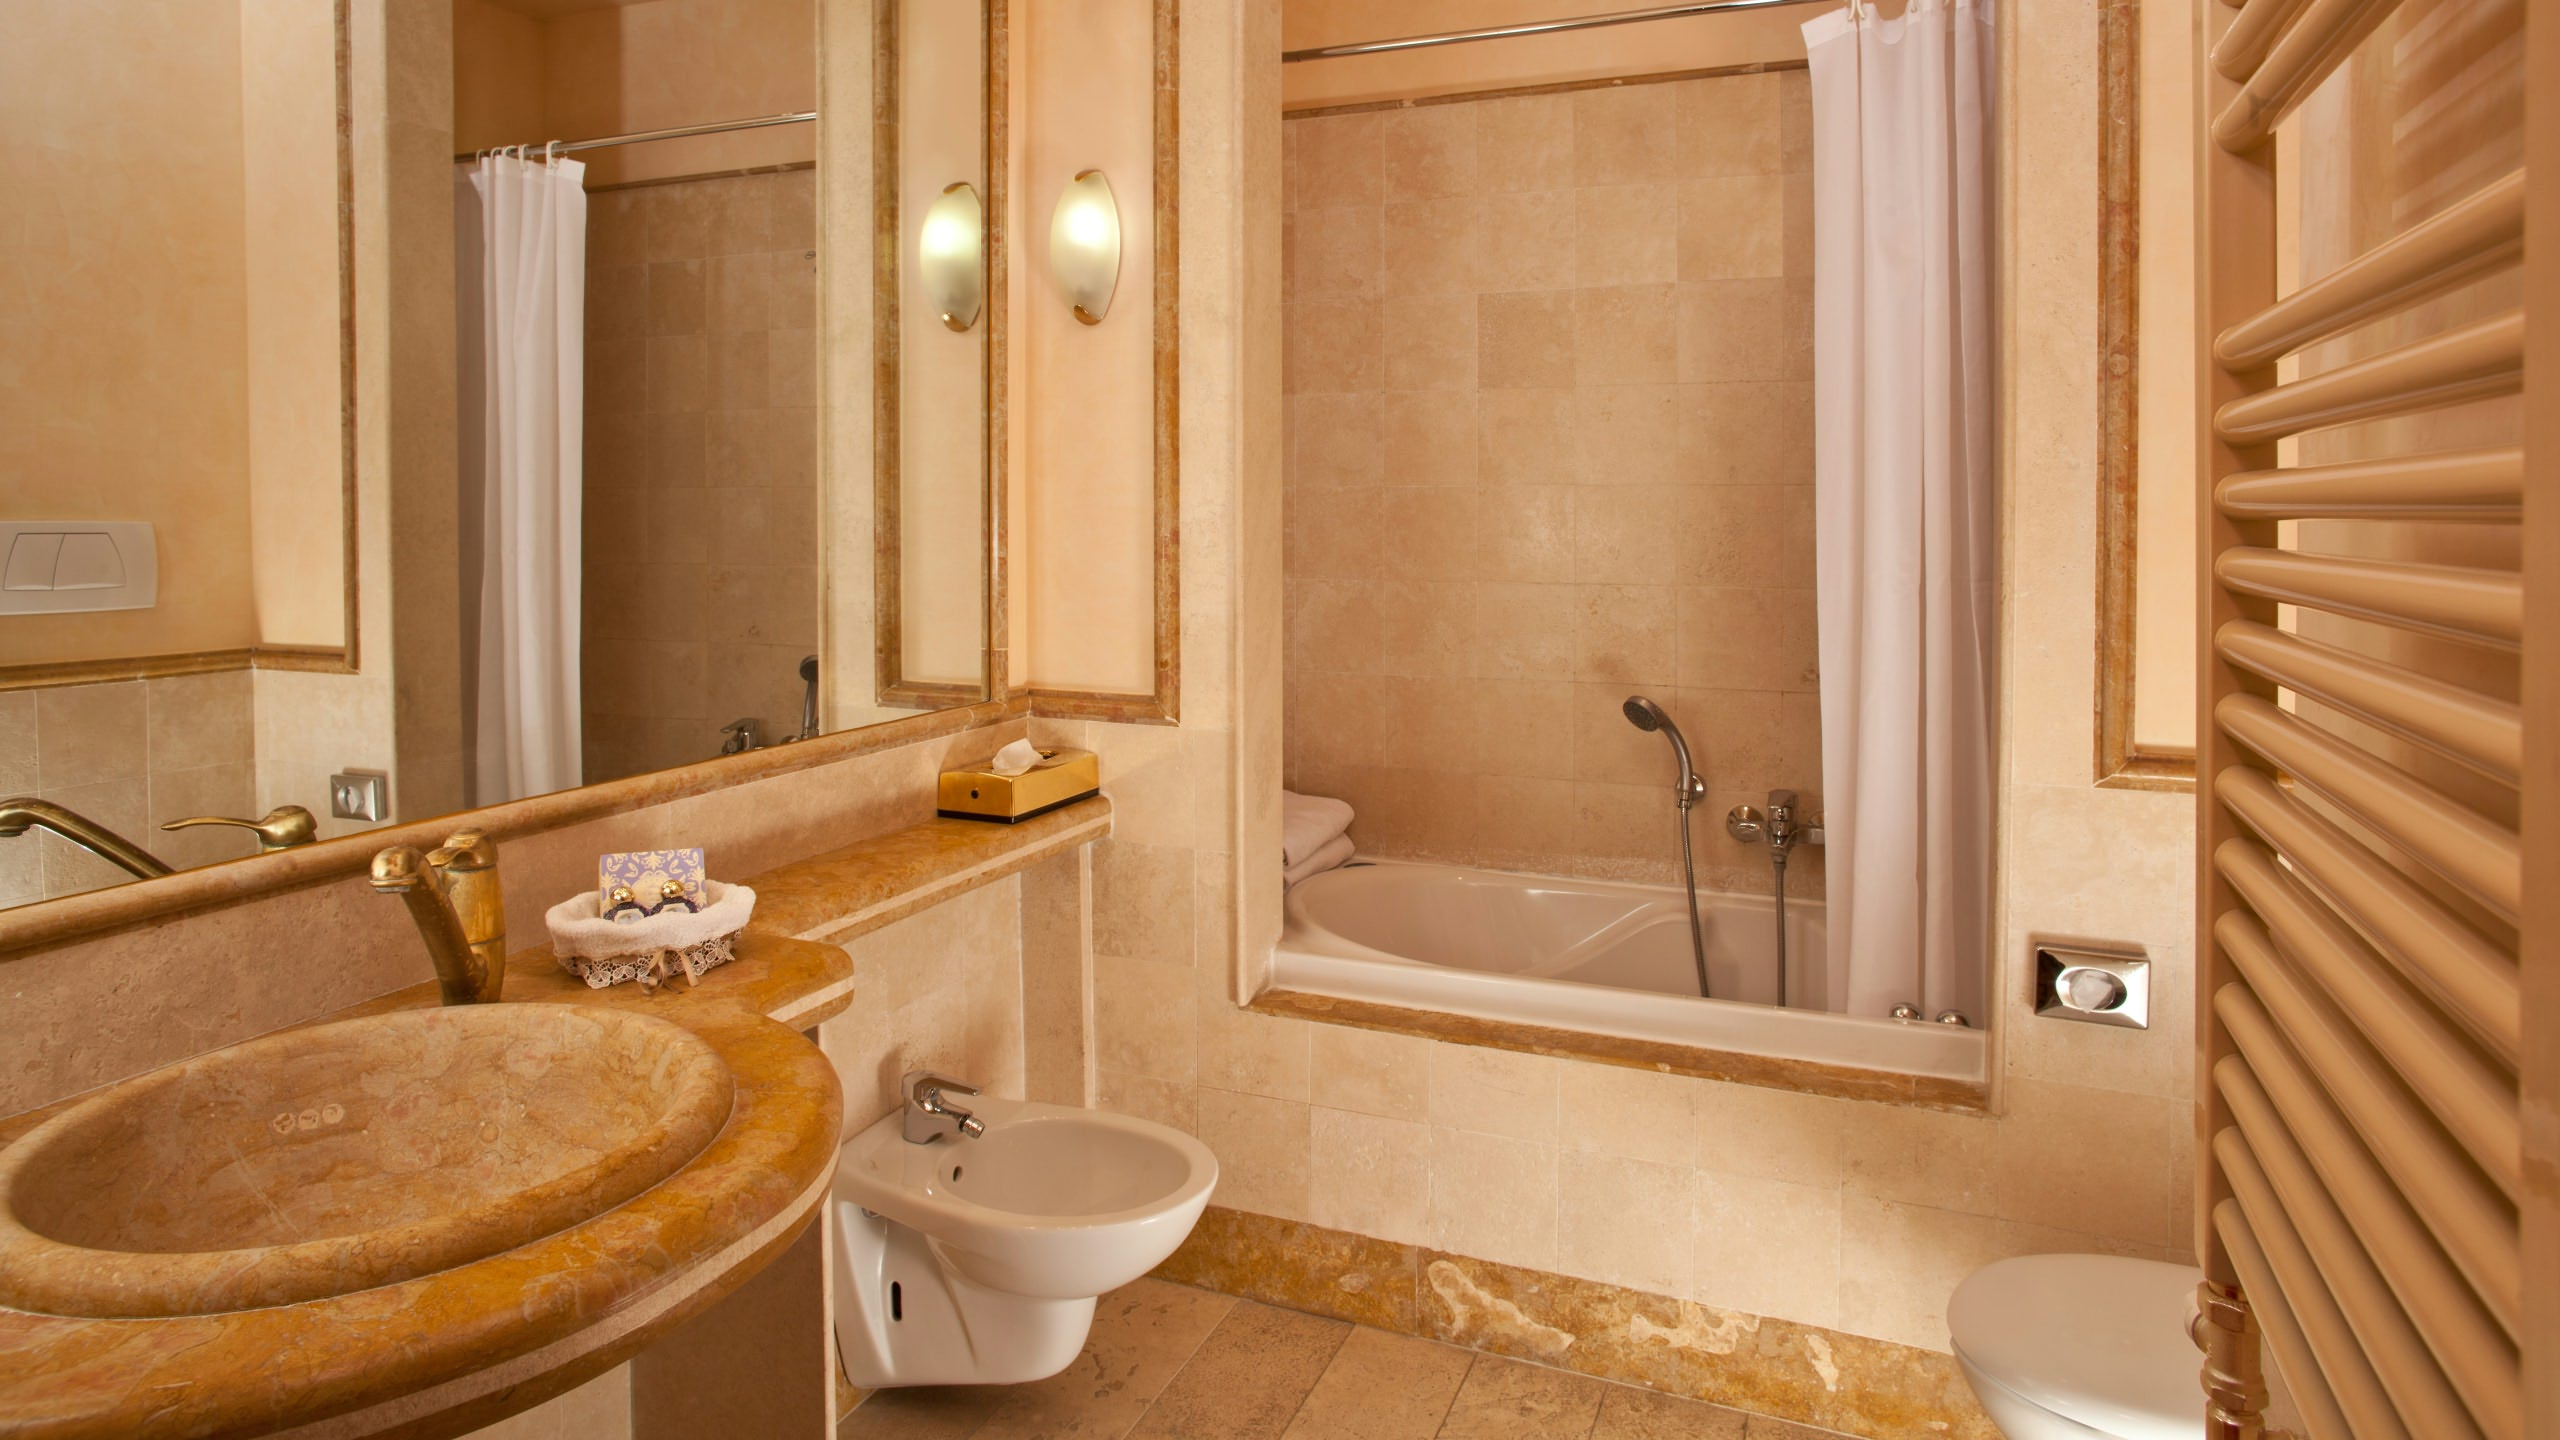 albergo-ottocento-roma-bagno-18